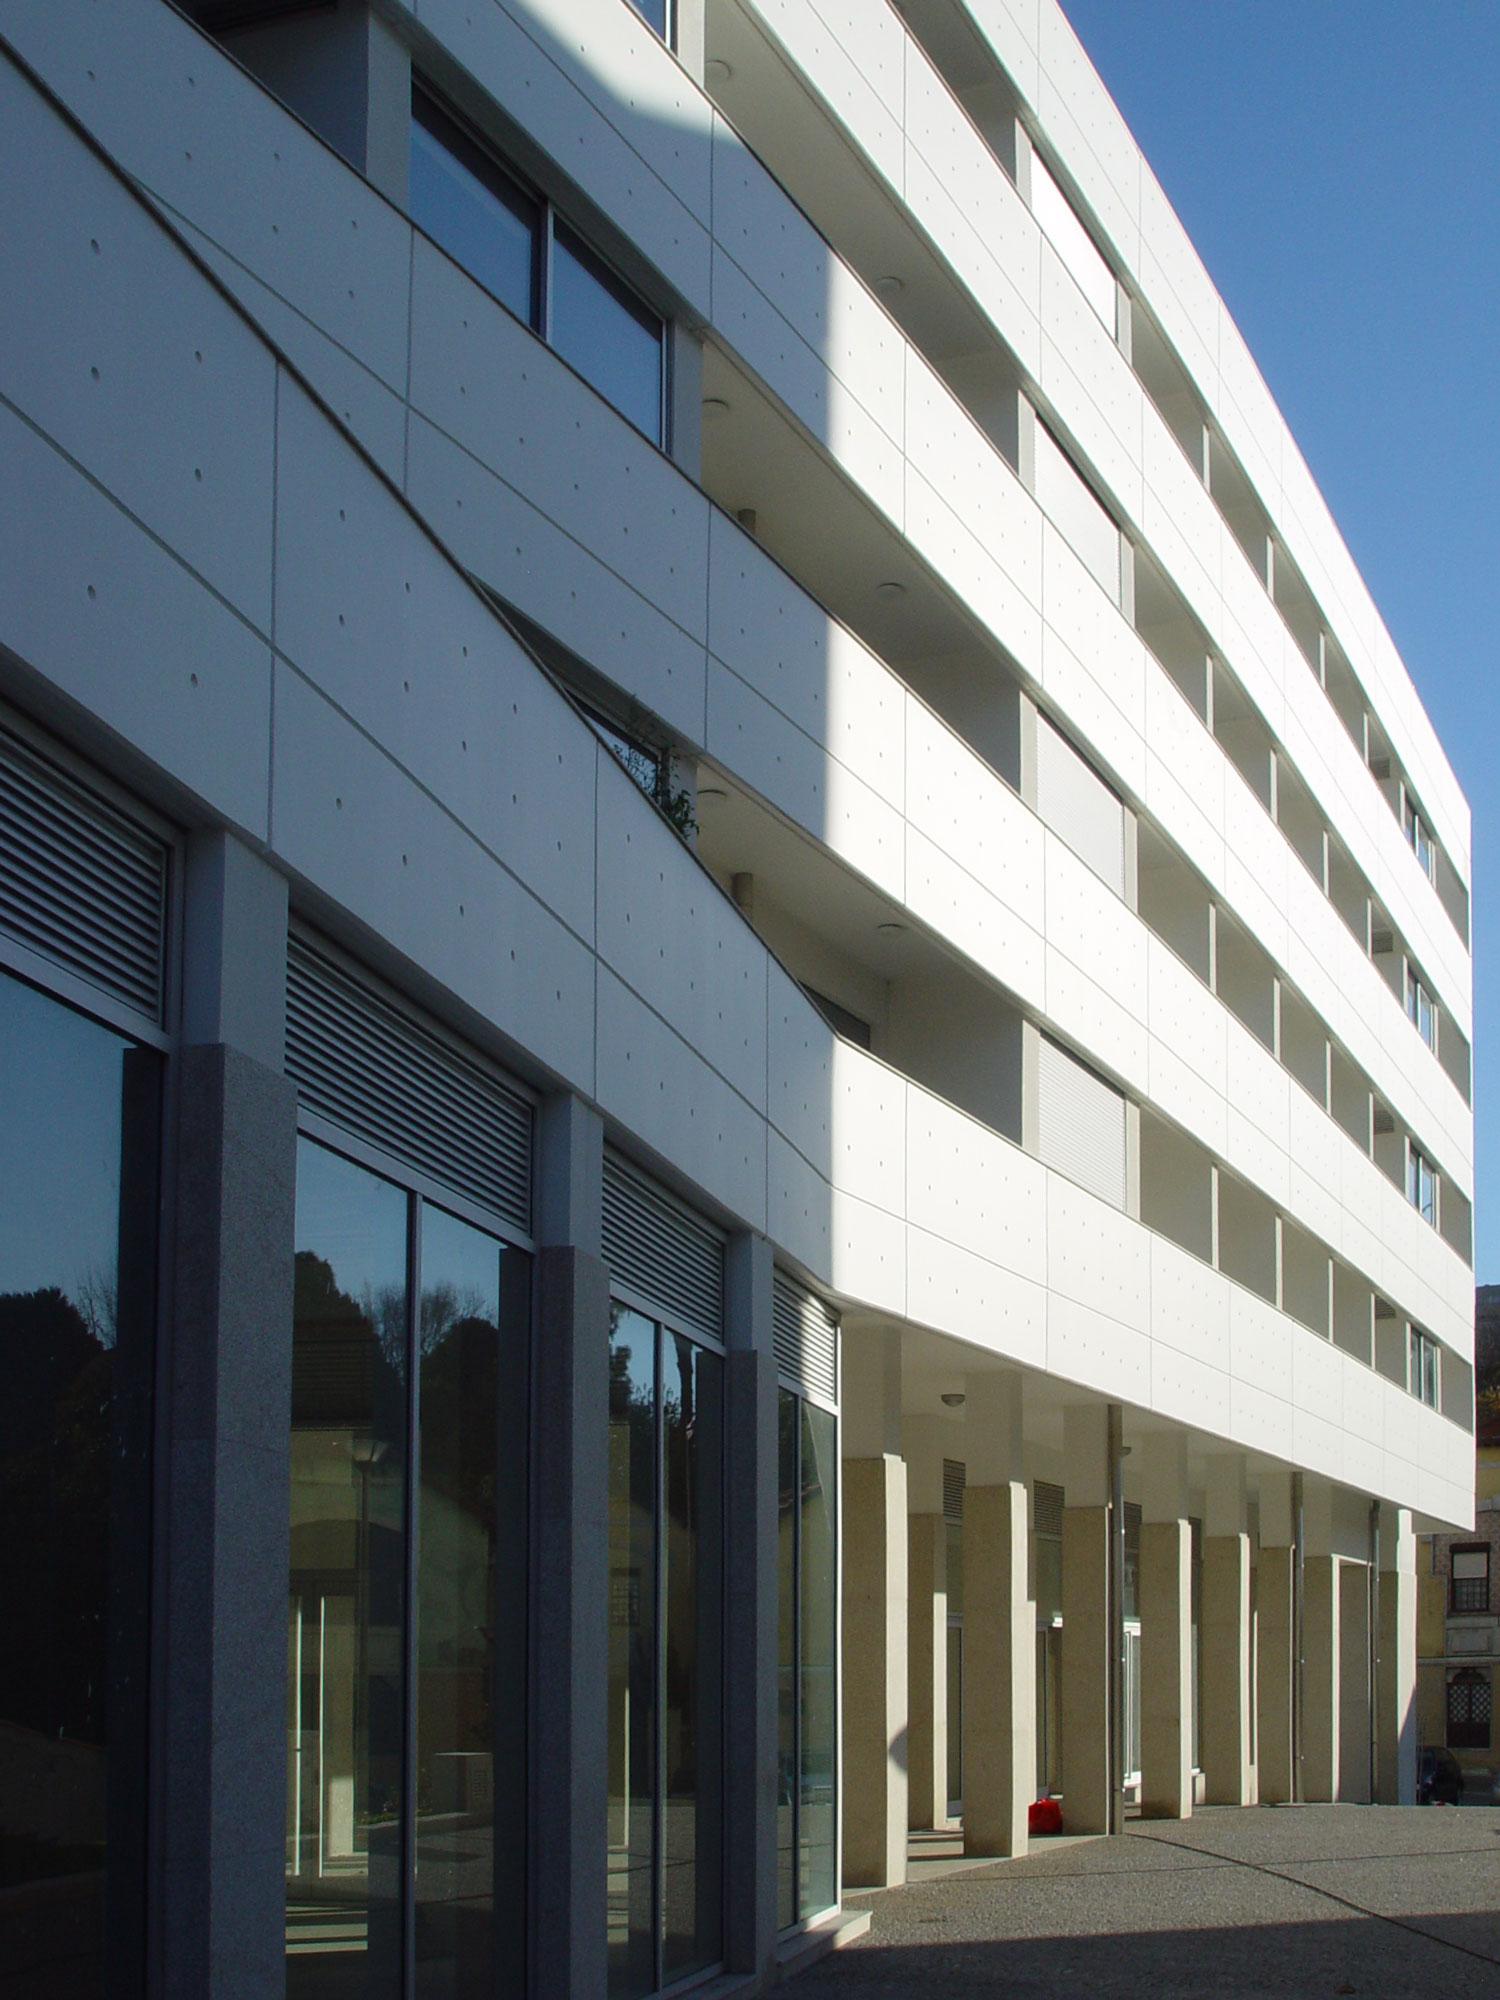 Pormenor da fachada de um dos edifícios de apartamentos da Quinta do Choupelo, V. N. de Gaia.